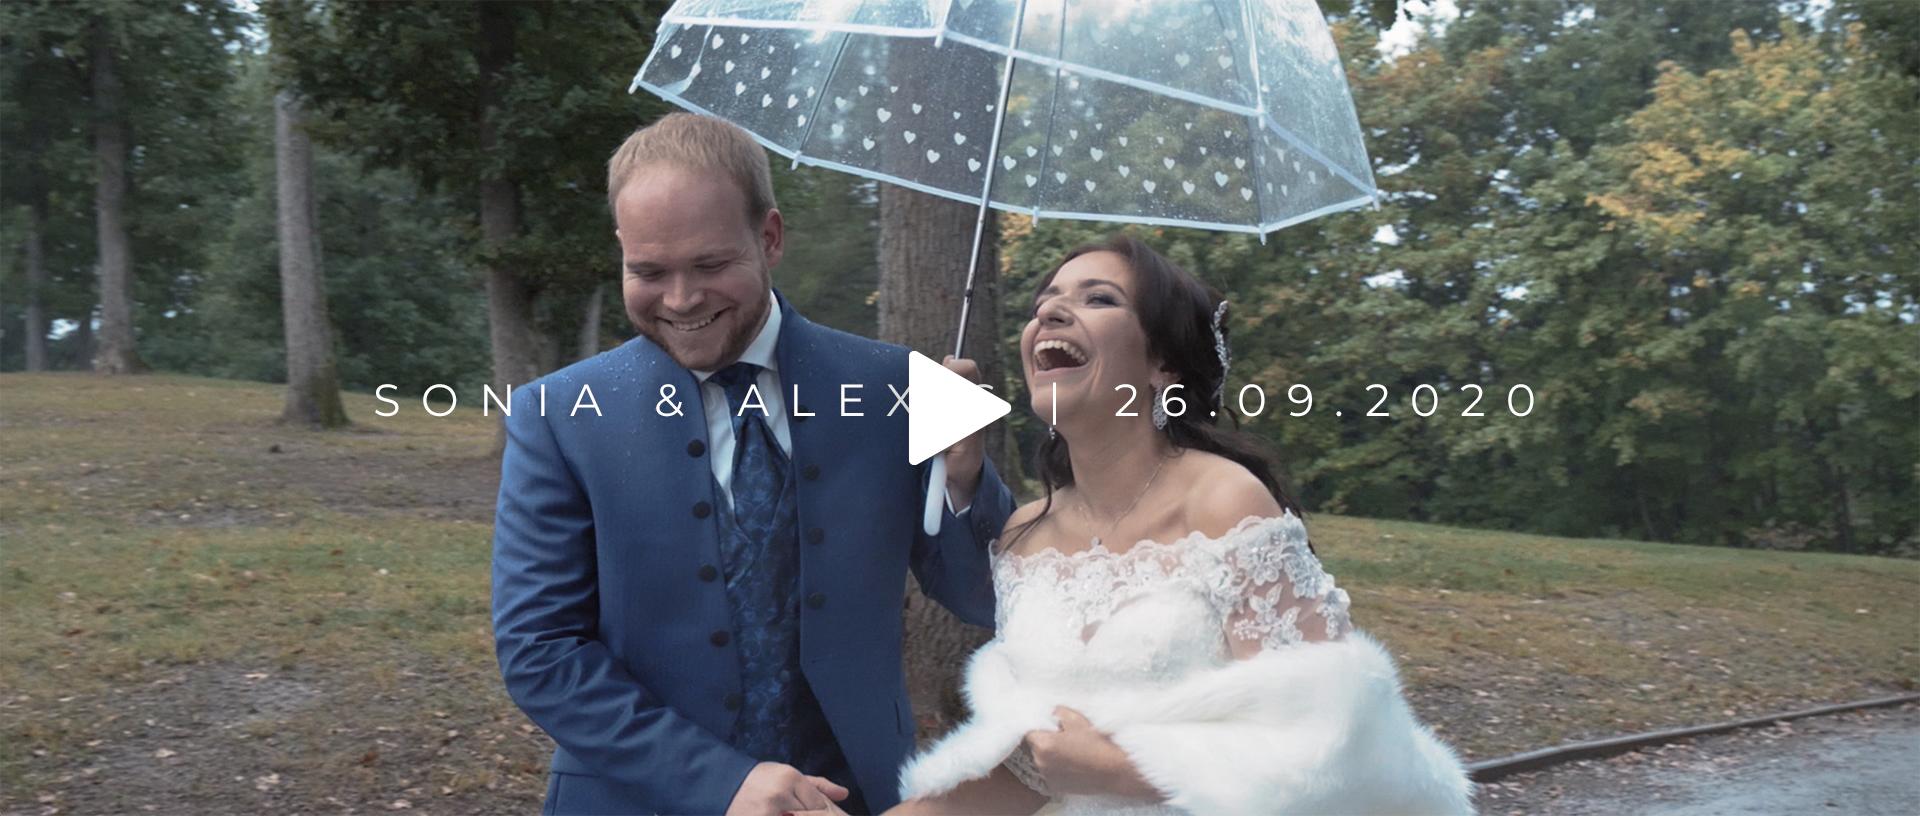 mariage_sonia-alexis